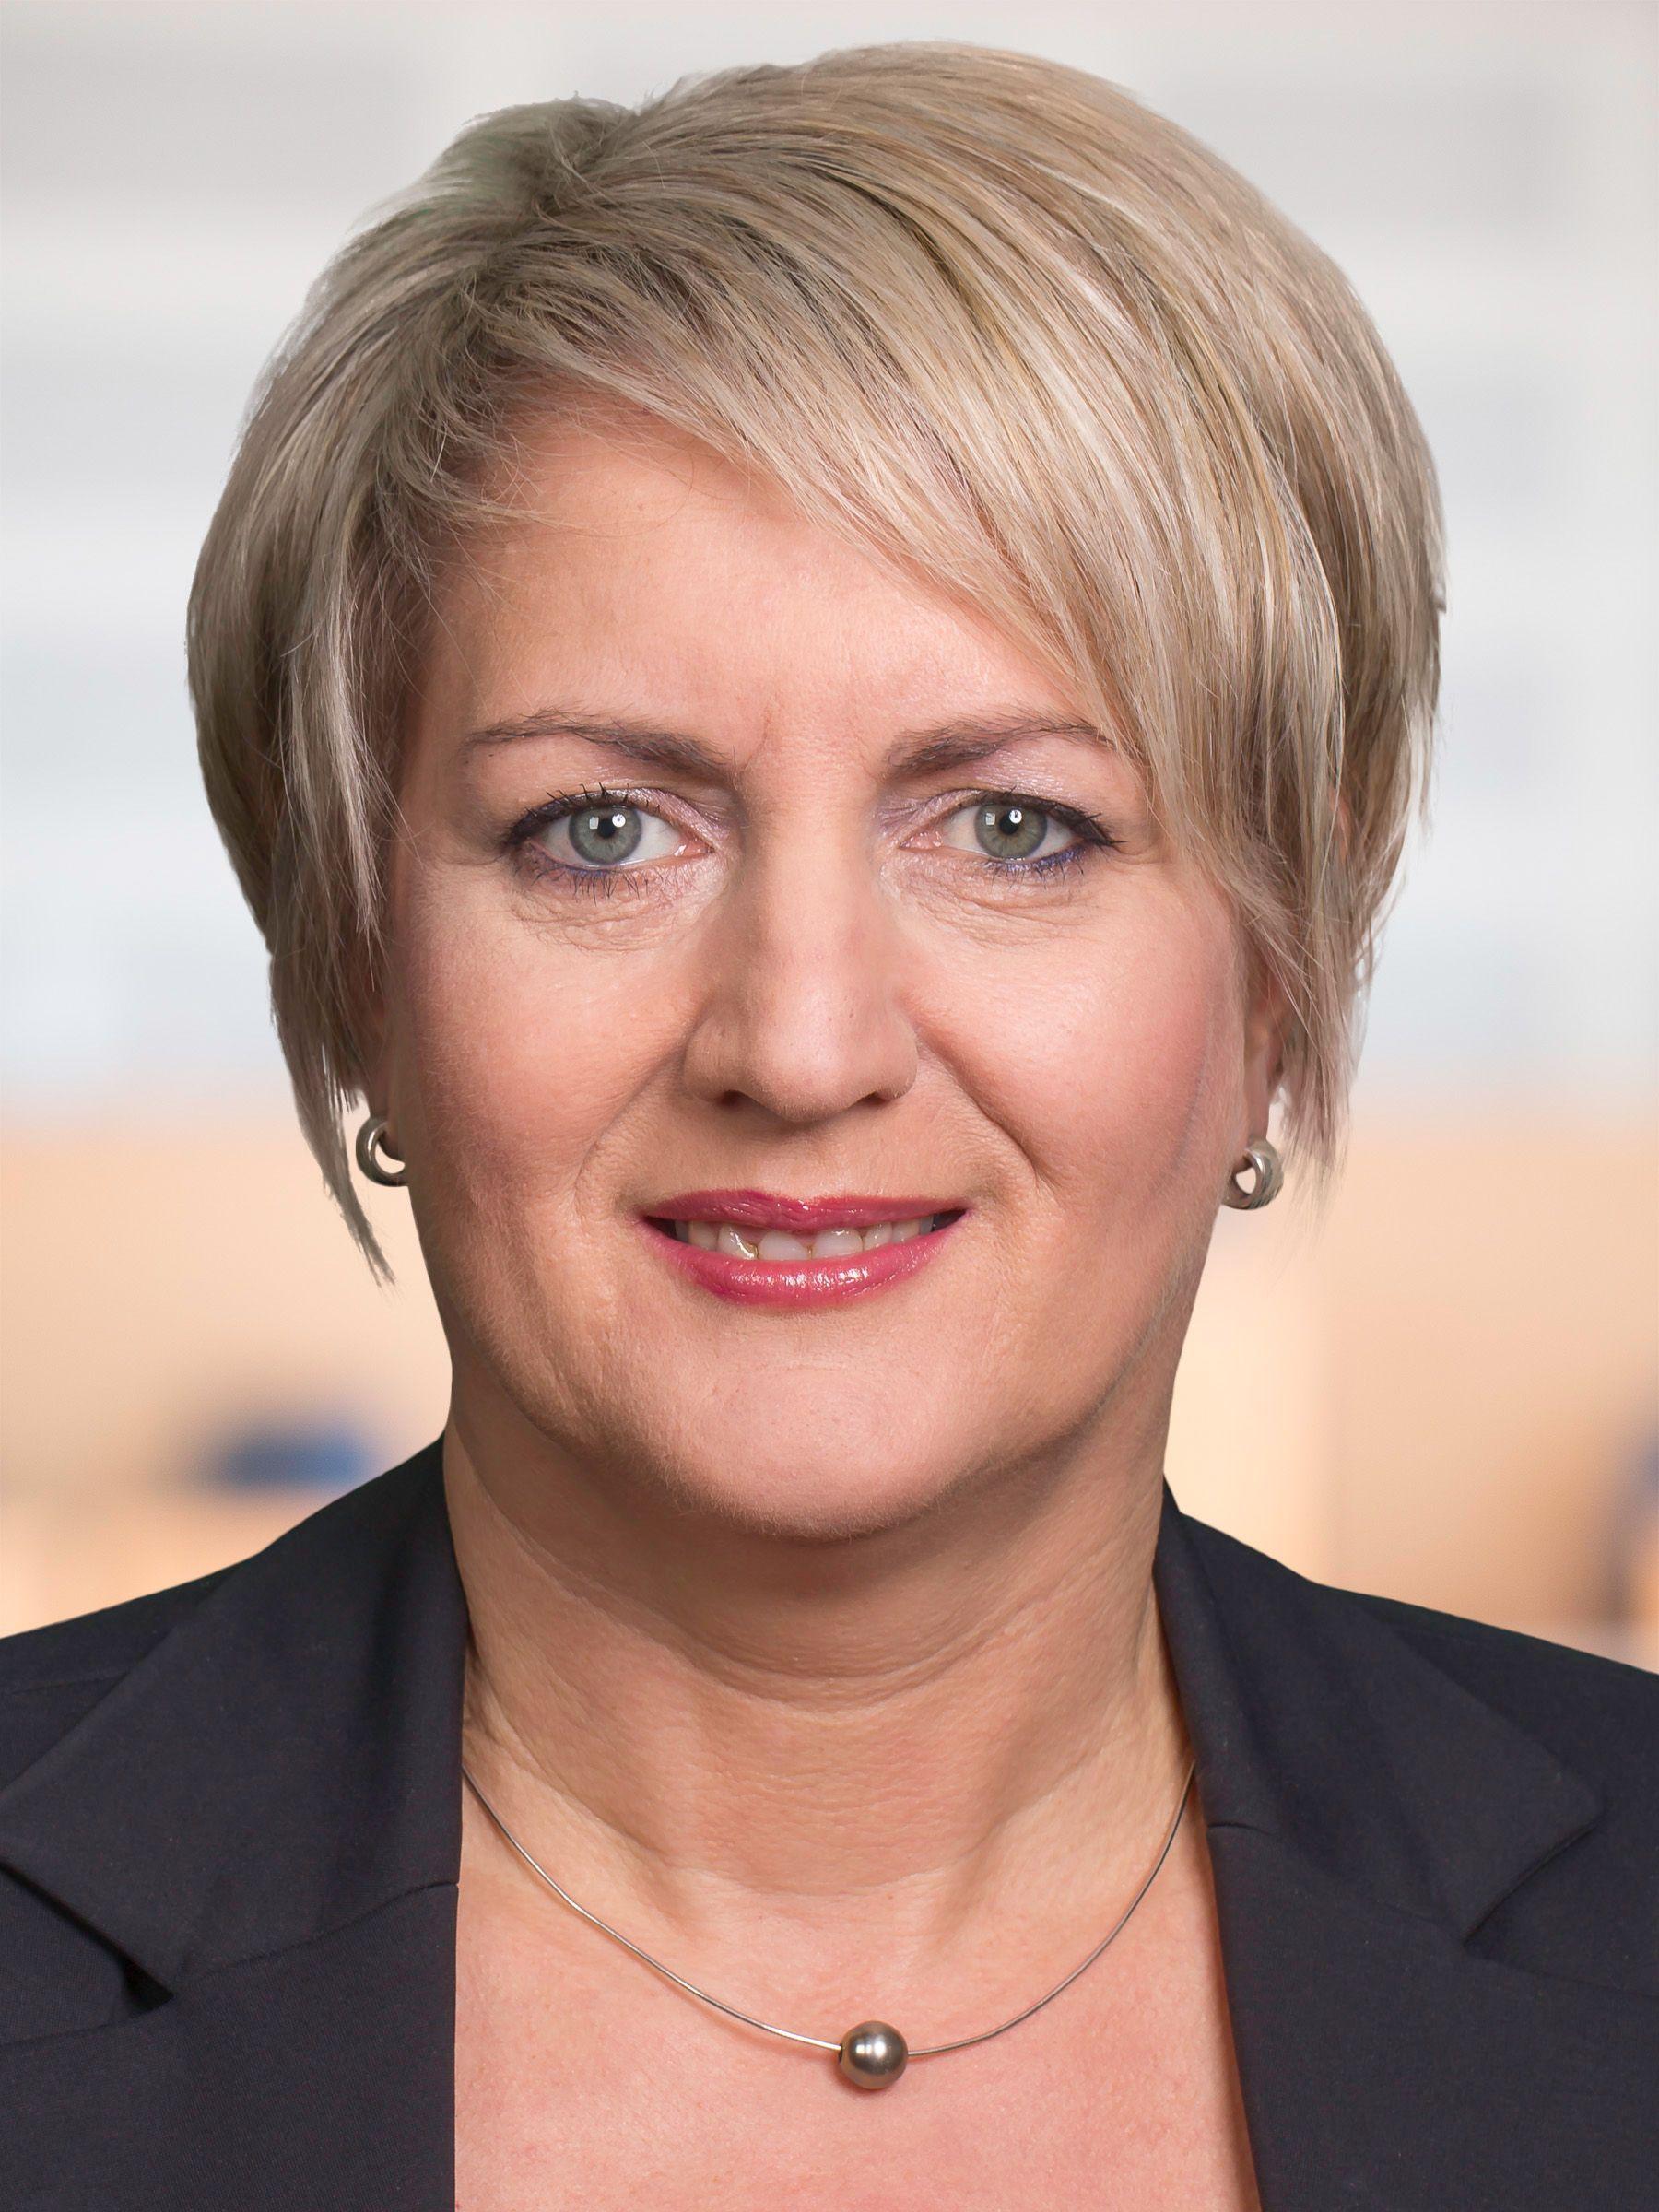 CDU Fraktion des Saarlandes: Zahl der Wohnungseinbrüche gesunken: Beleg für hervorragende Arbeit der Sicherheitsbehörden